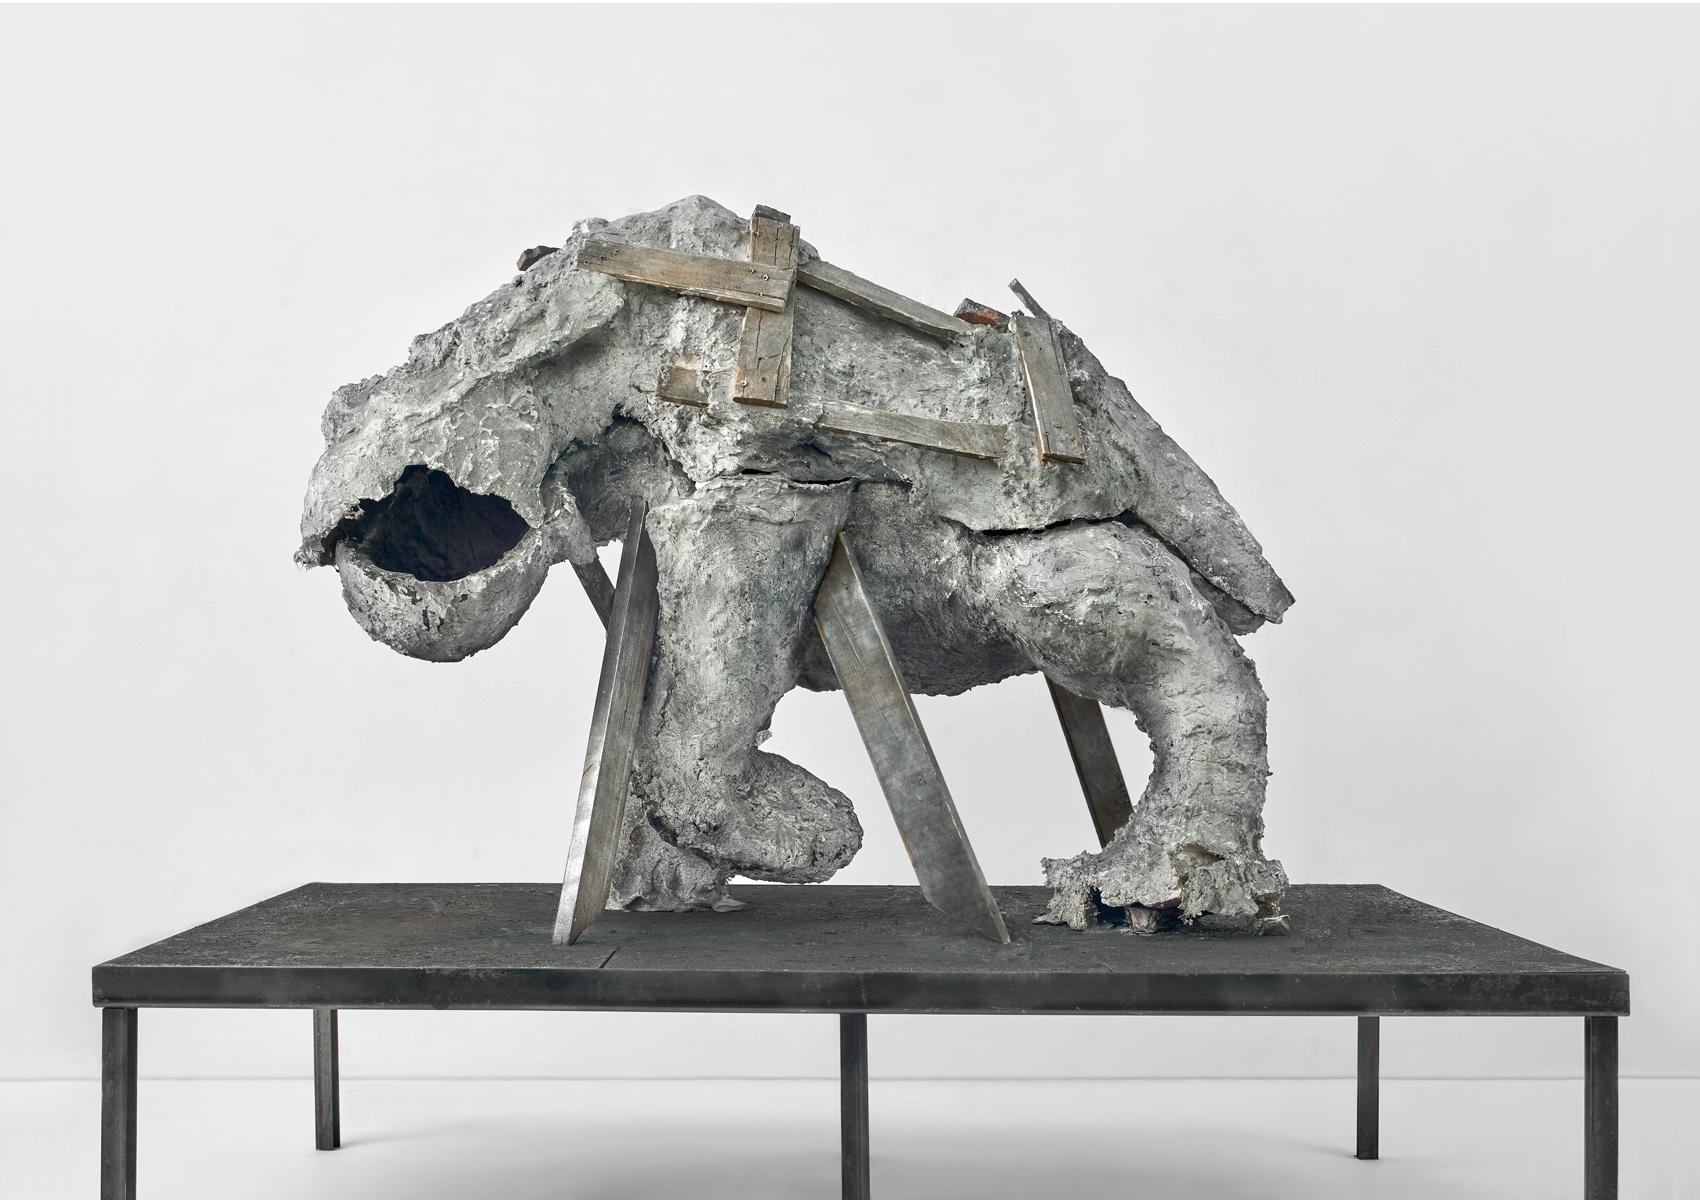 ACTUS PURUS / Animal / 2016 / 200 x 130 x 100 cm / wood, plaster, steel, soil